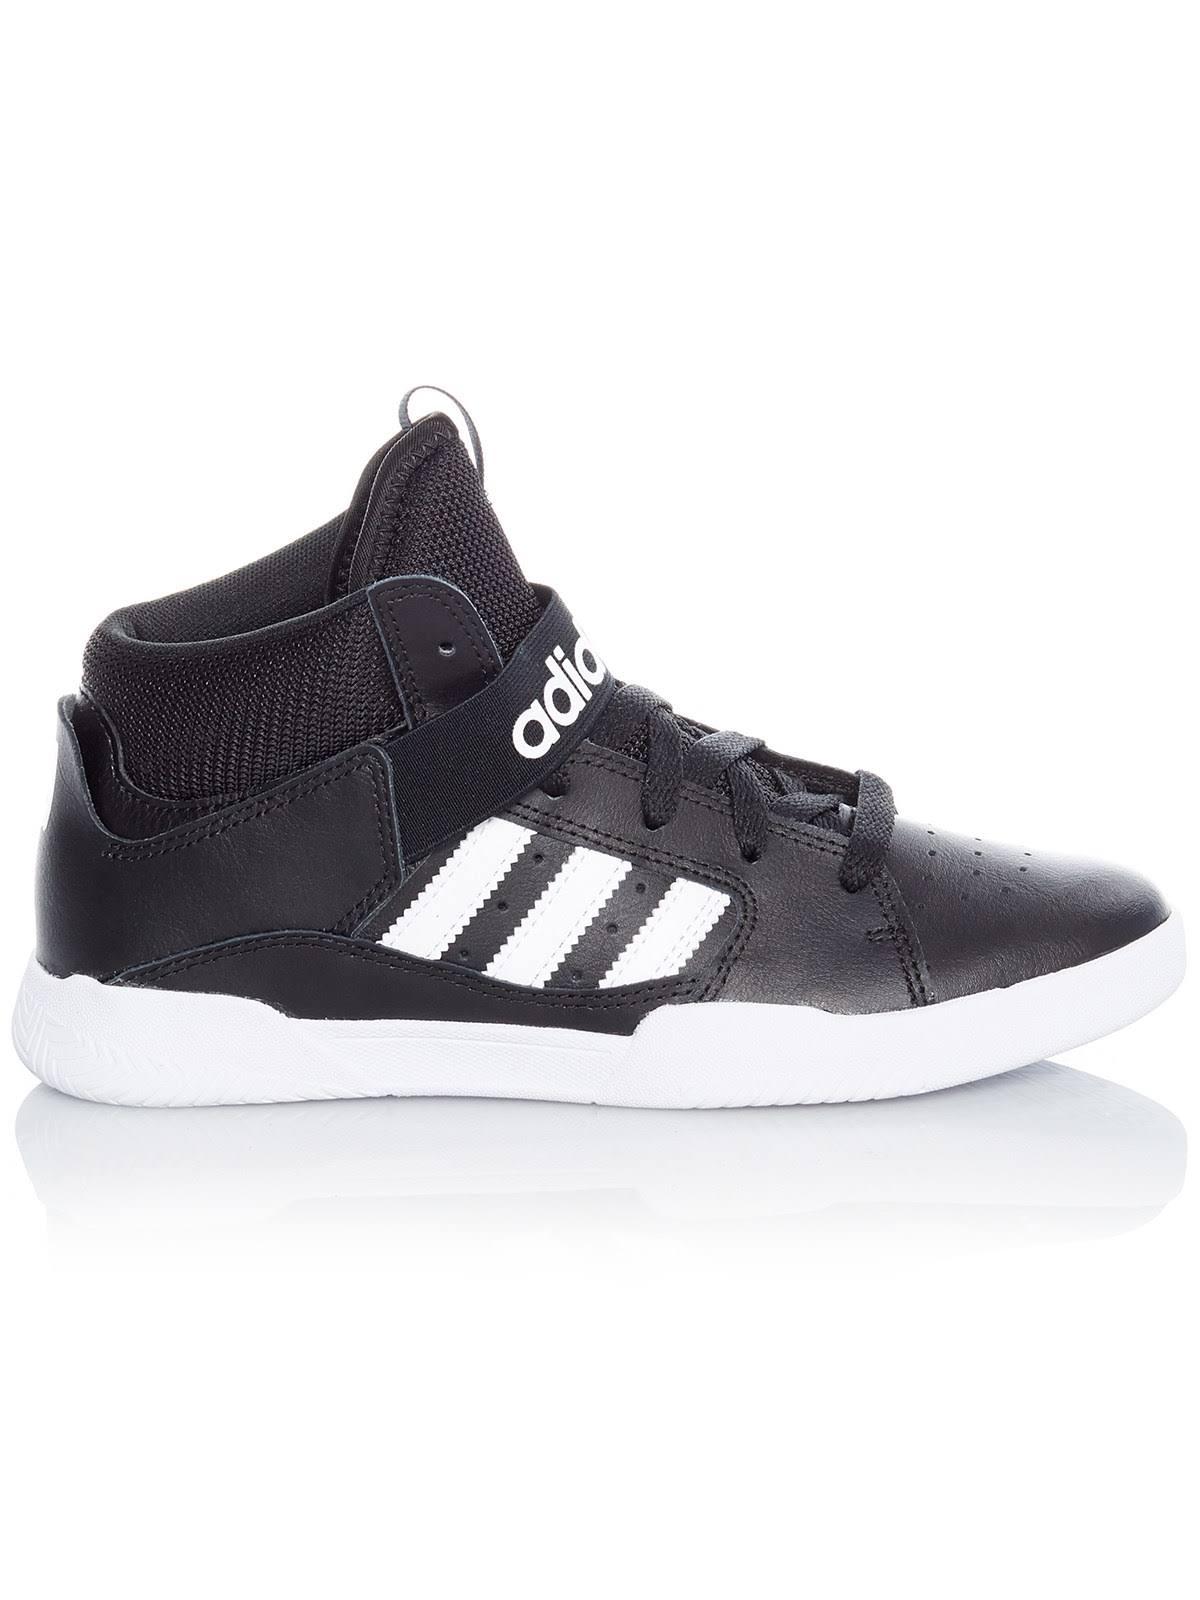 Mid entrenadores Para Calzado Adidas Varial J Niños SUqwU1aR